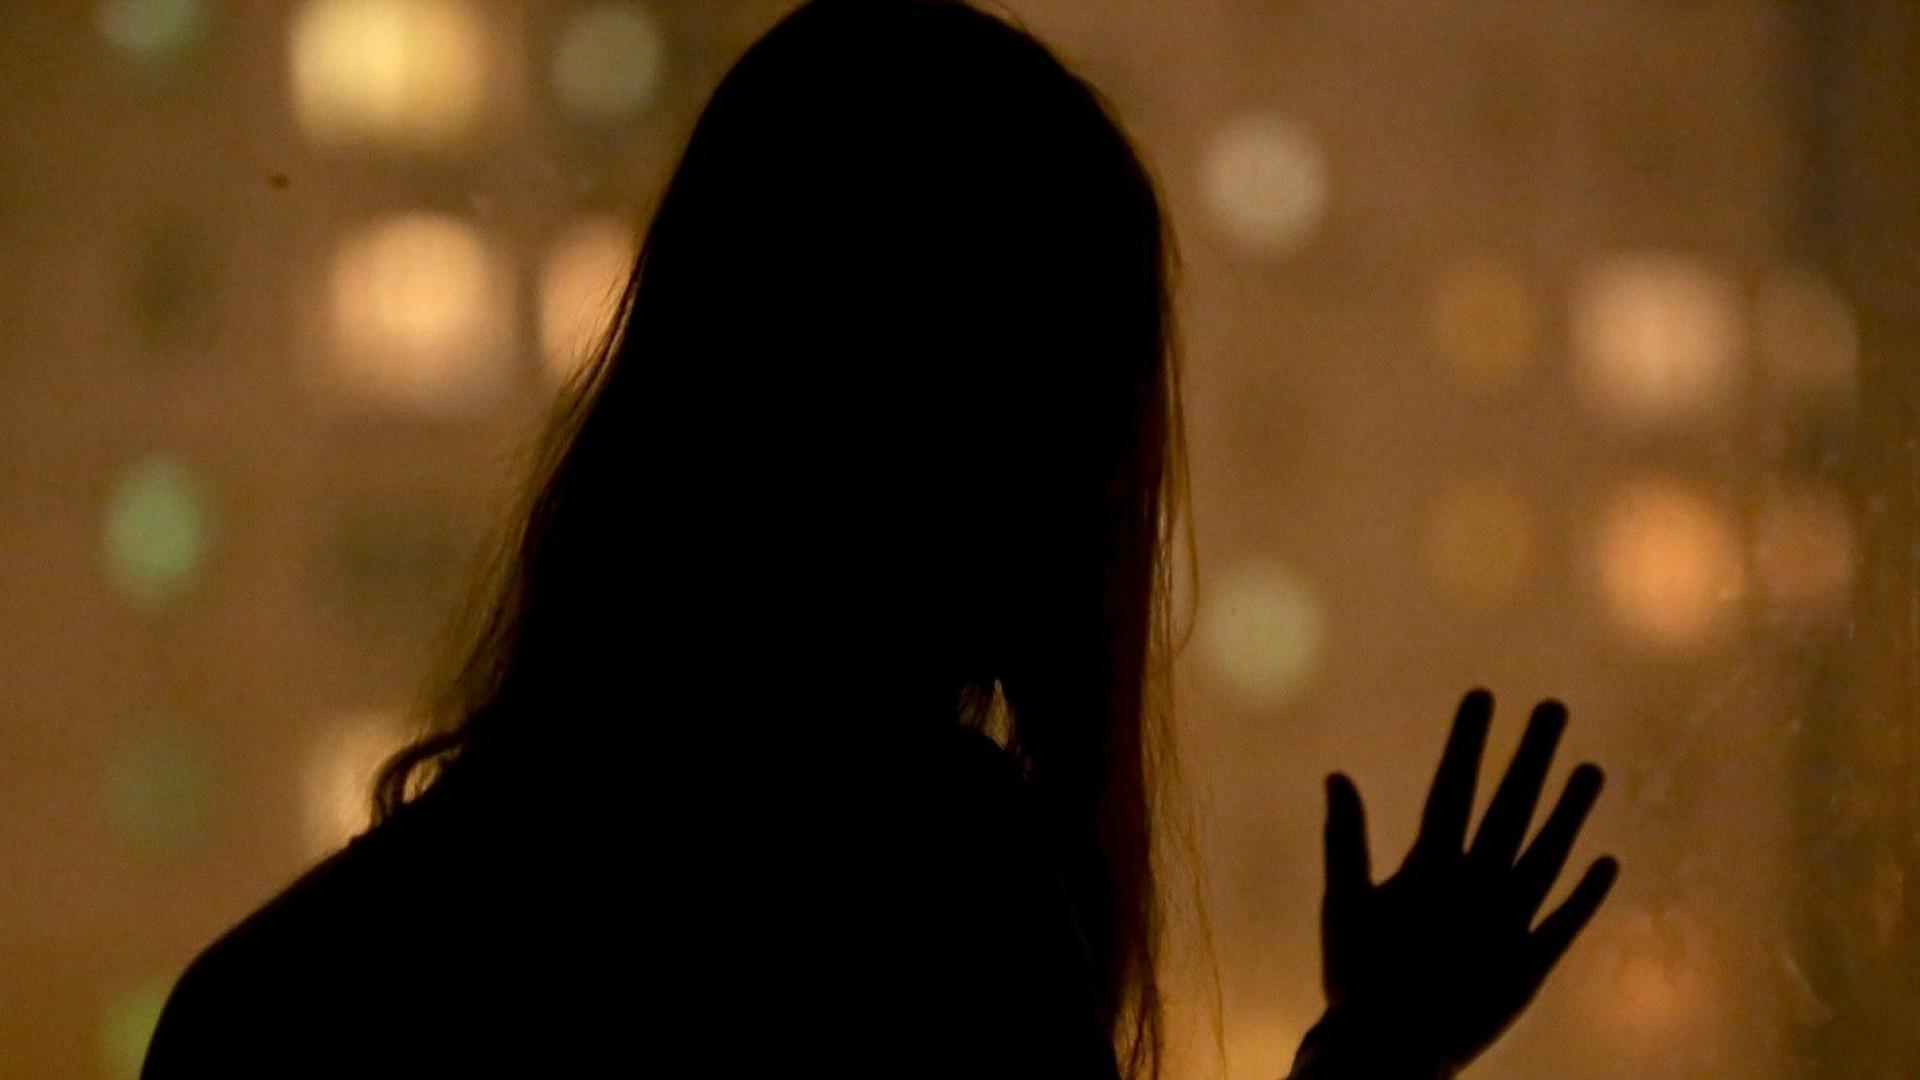 Попросила ночью на улице помощи а её изнасиловали